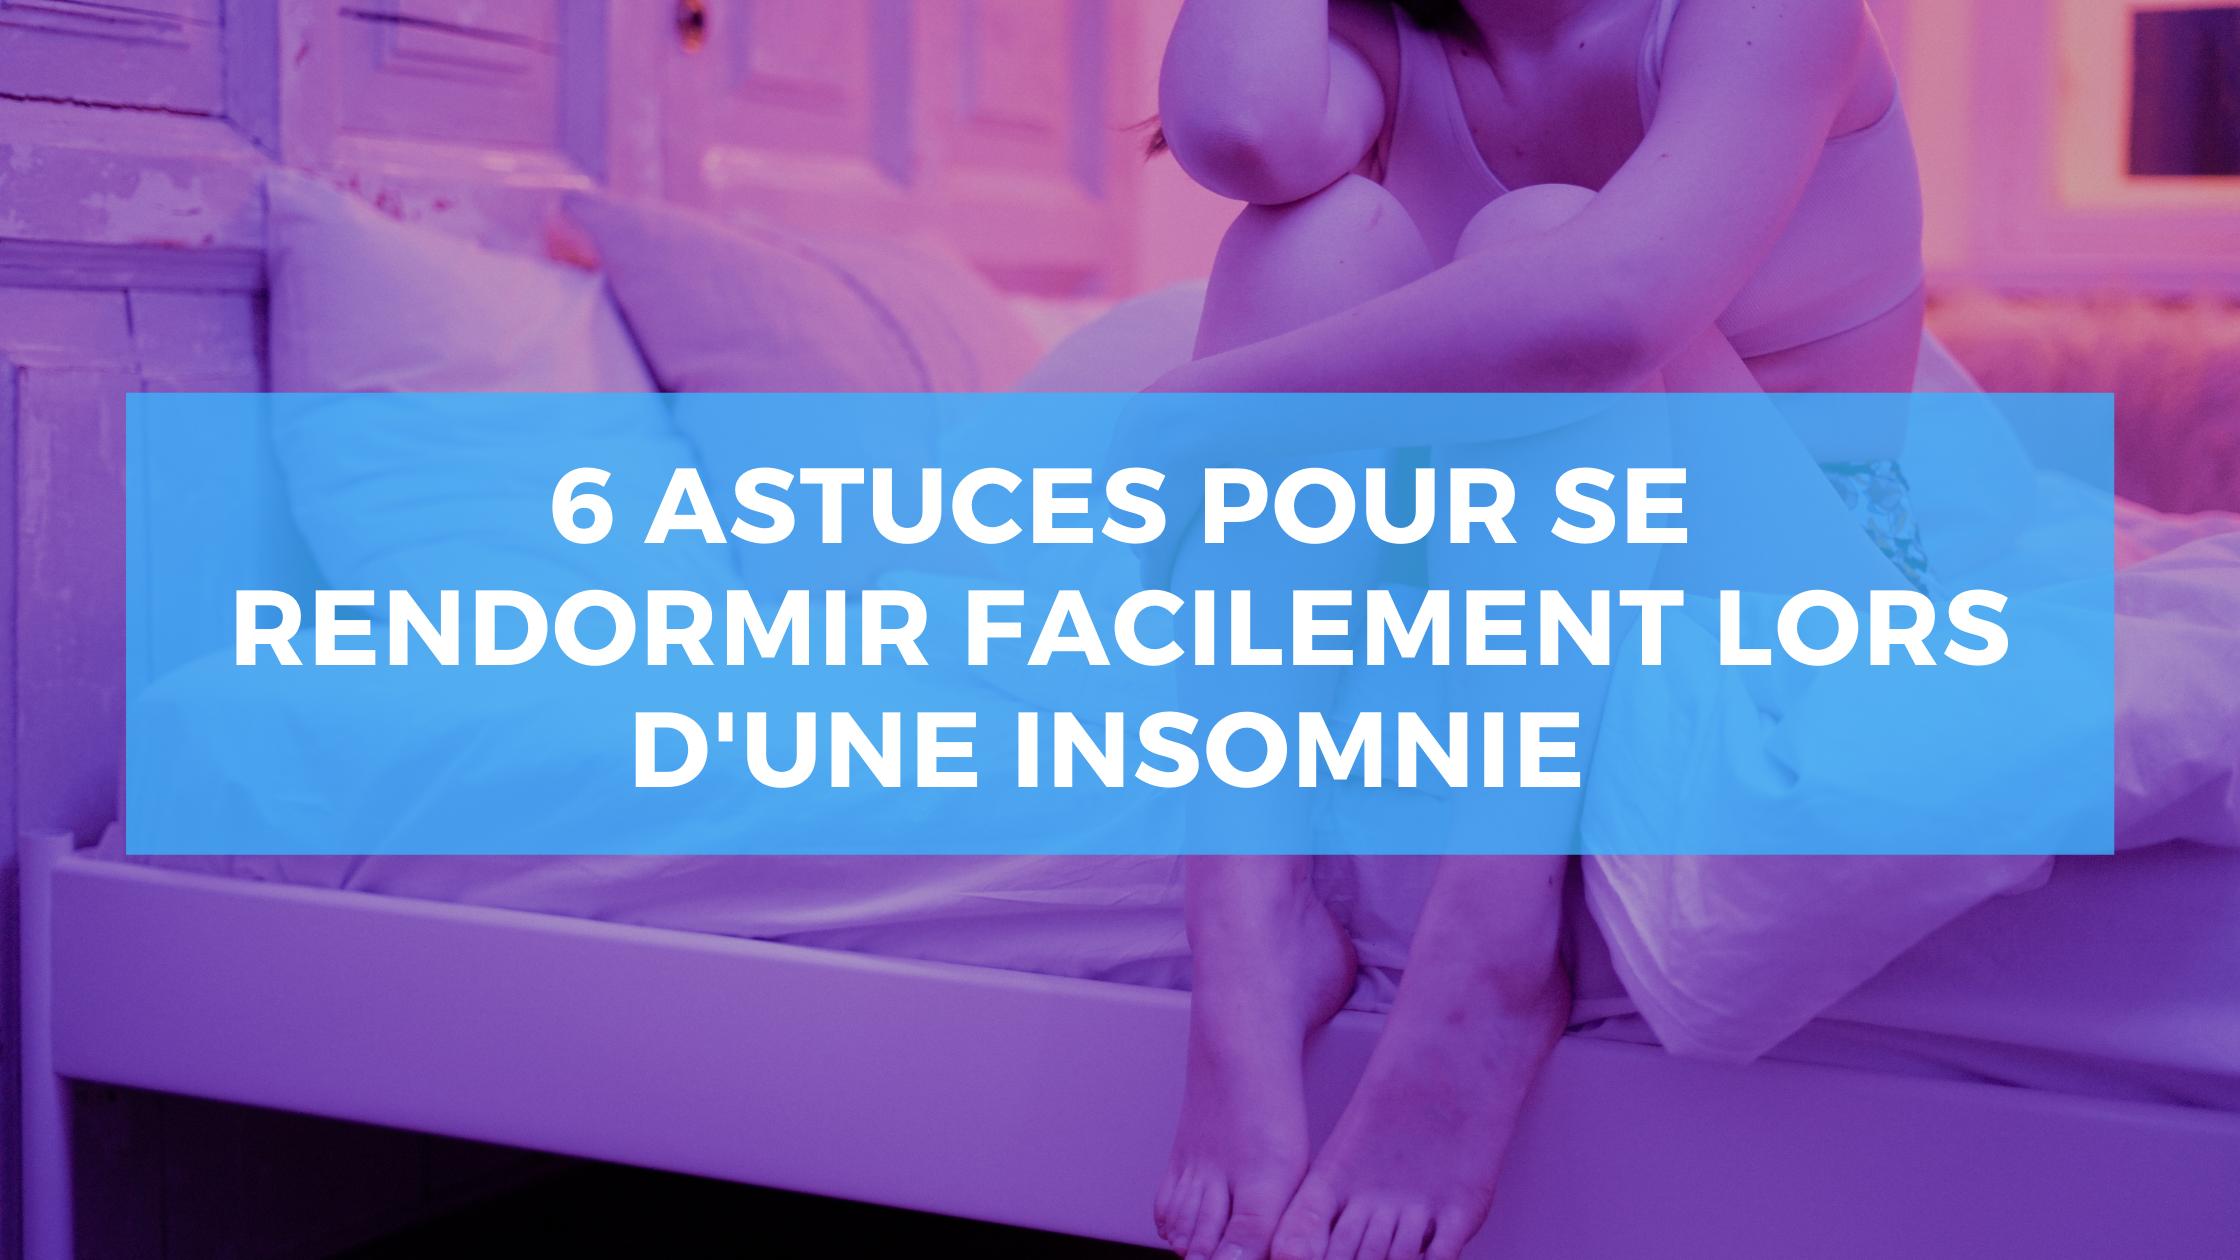 6 astuces pour se rendormir facilement lors d'une insomnie